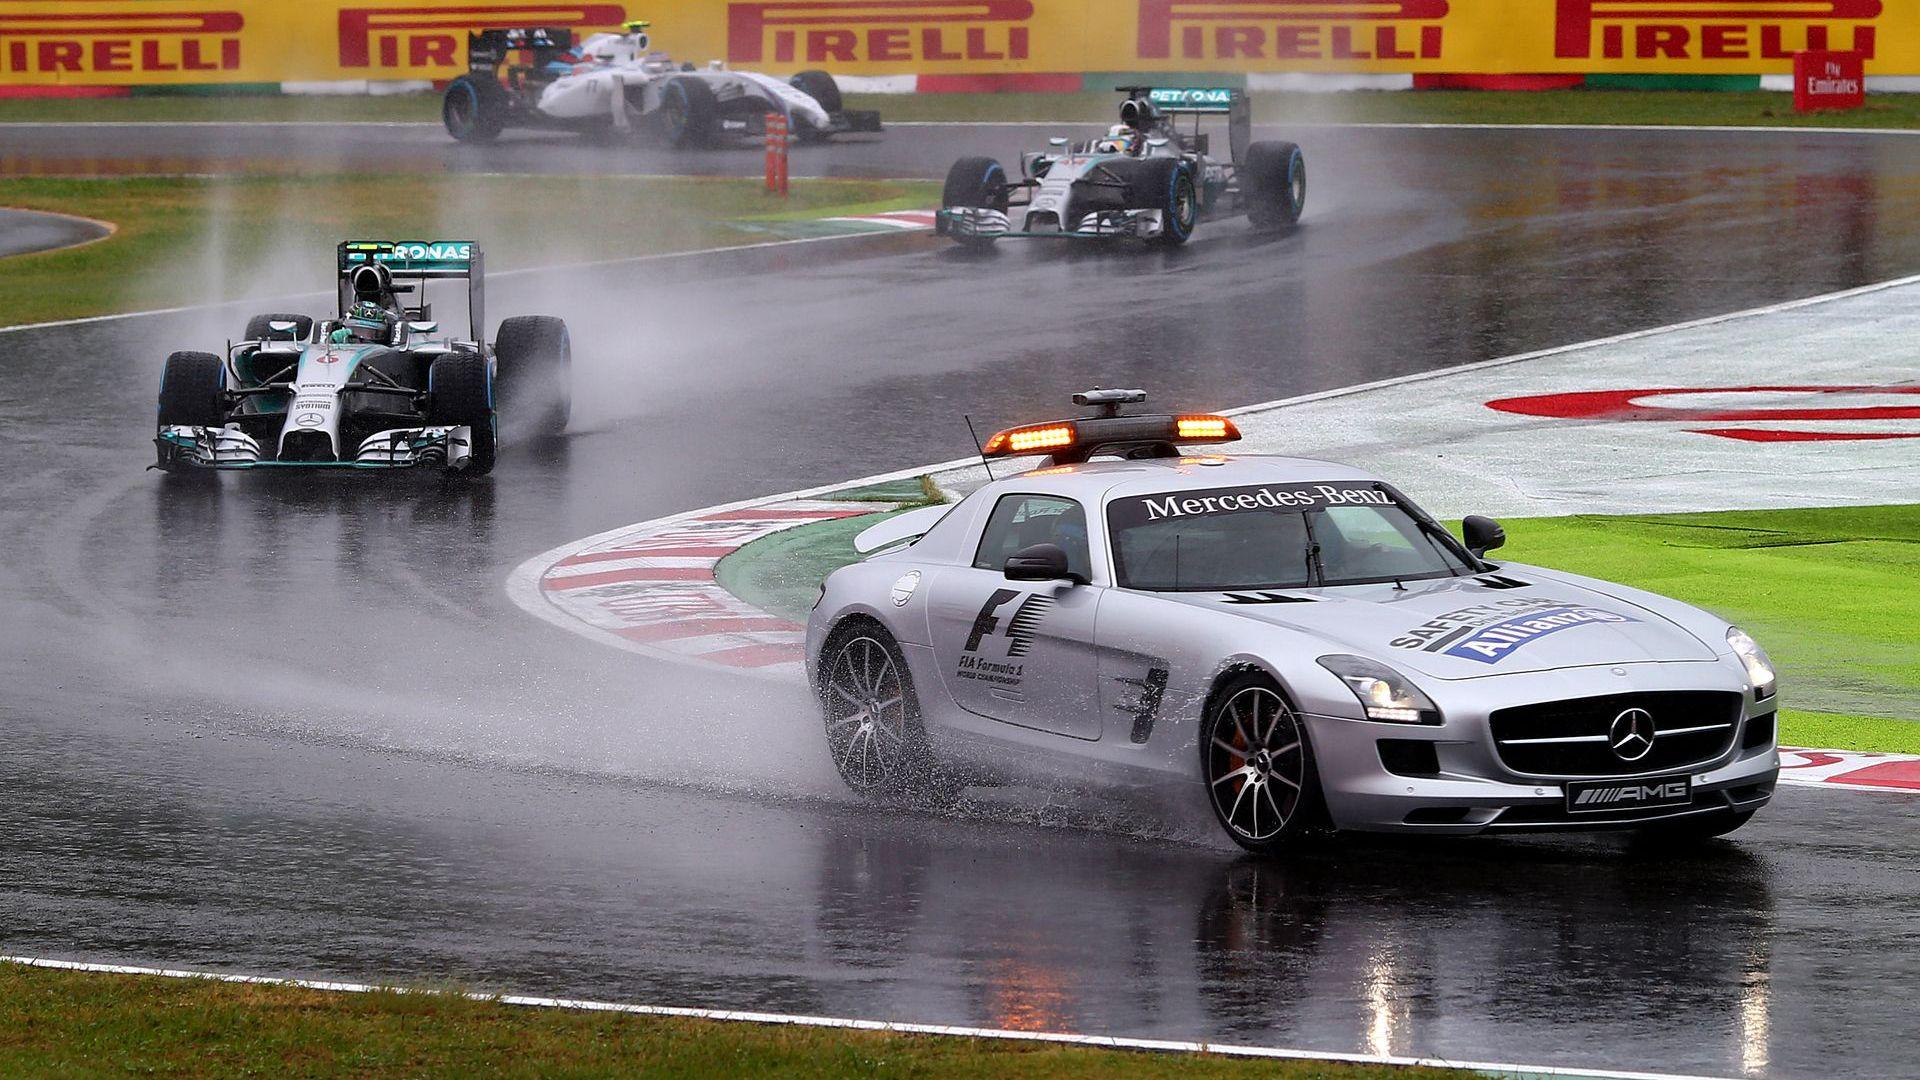 Тайфун застрашава старта от Формула 1 в Япония